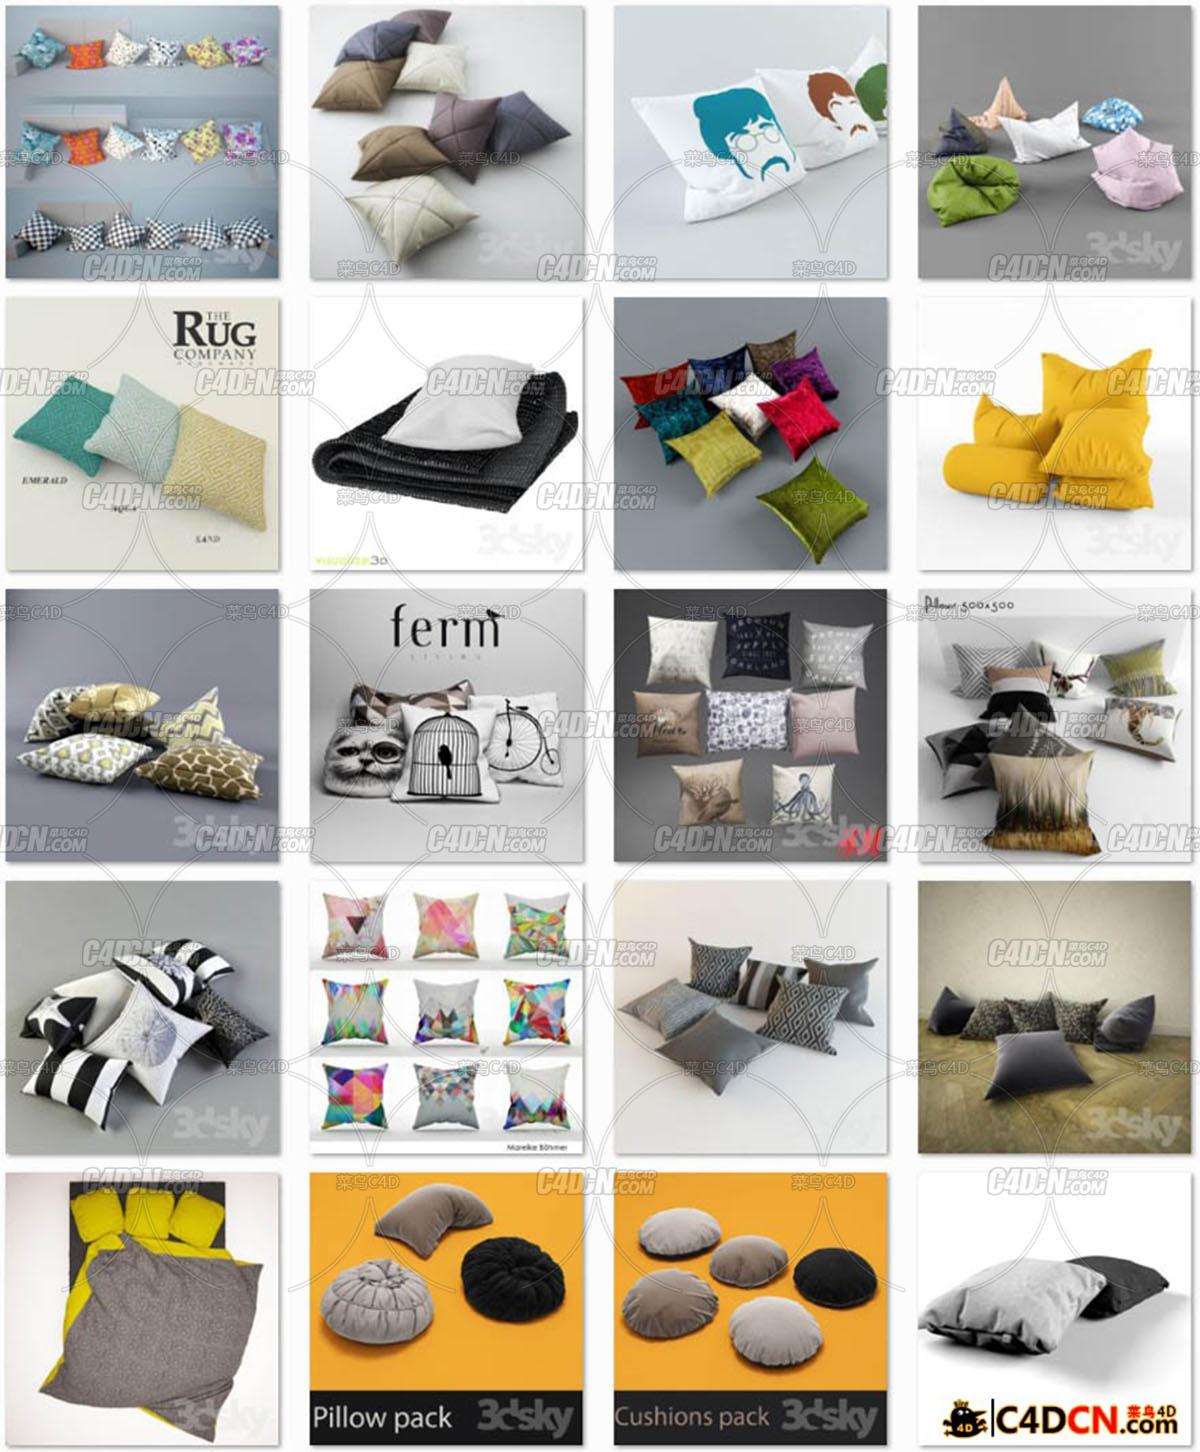 20套枕头 靠枕 坐垫模型合集